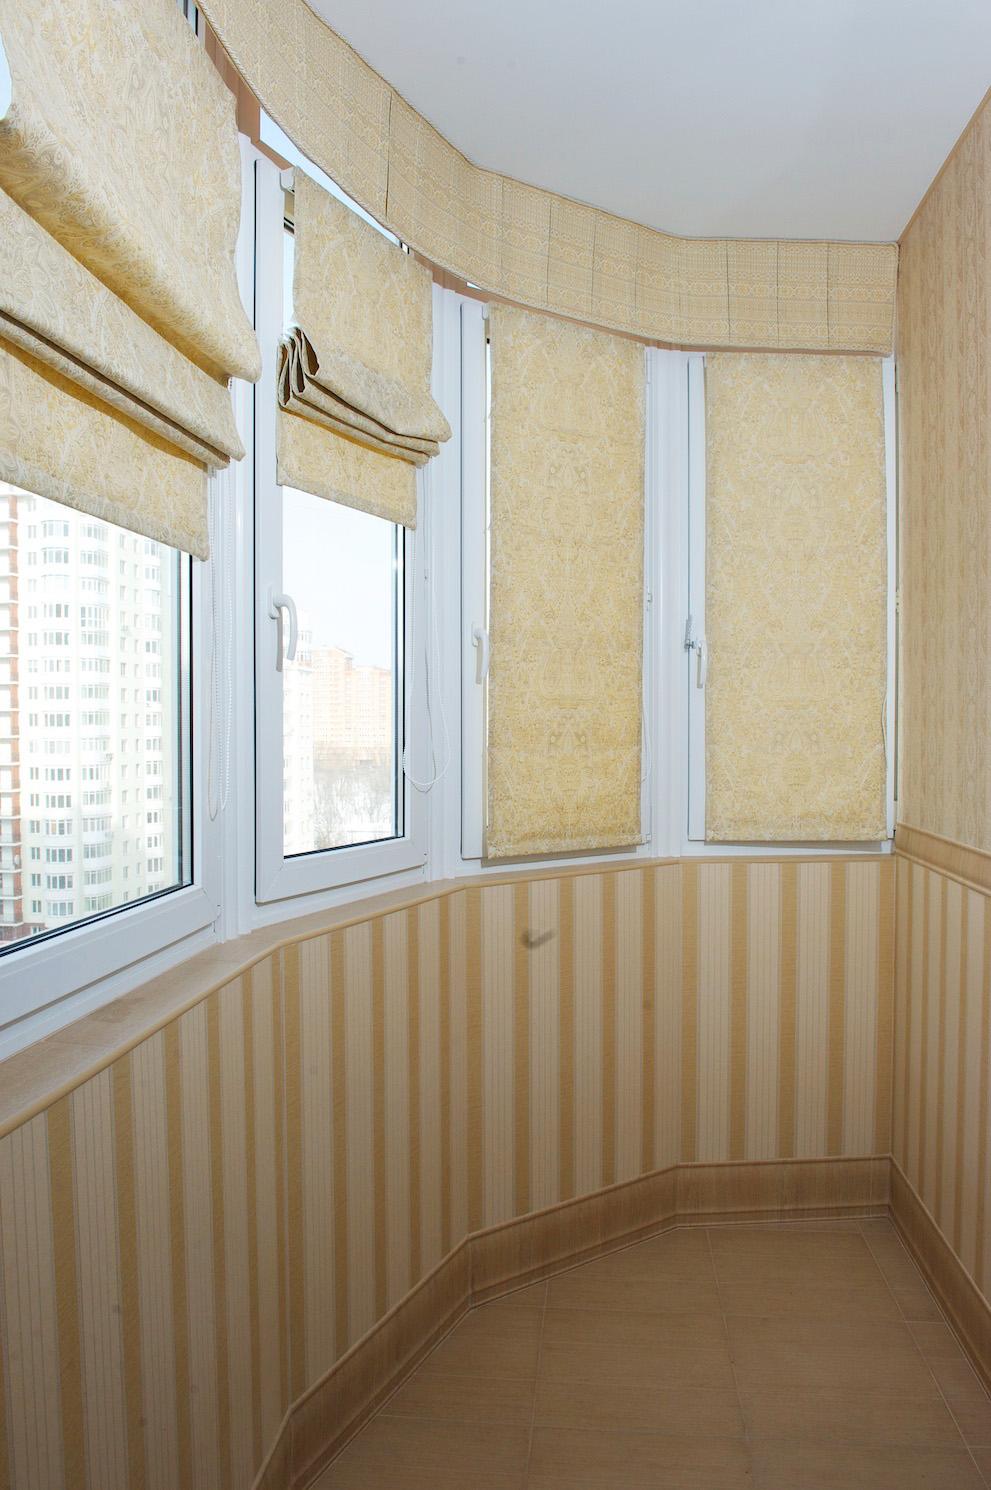 Шторы для остекленного балкона фотогалерея.